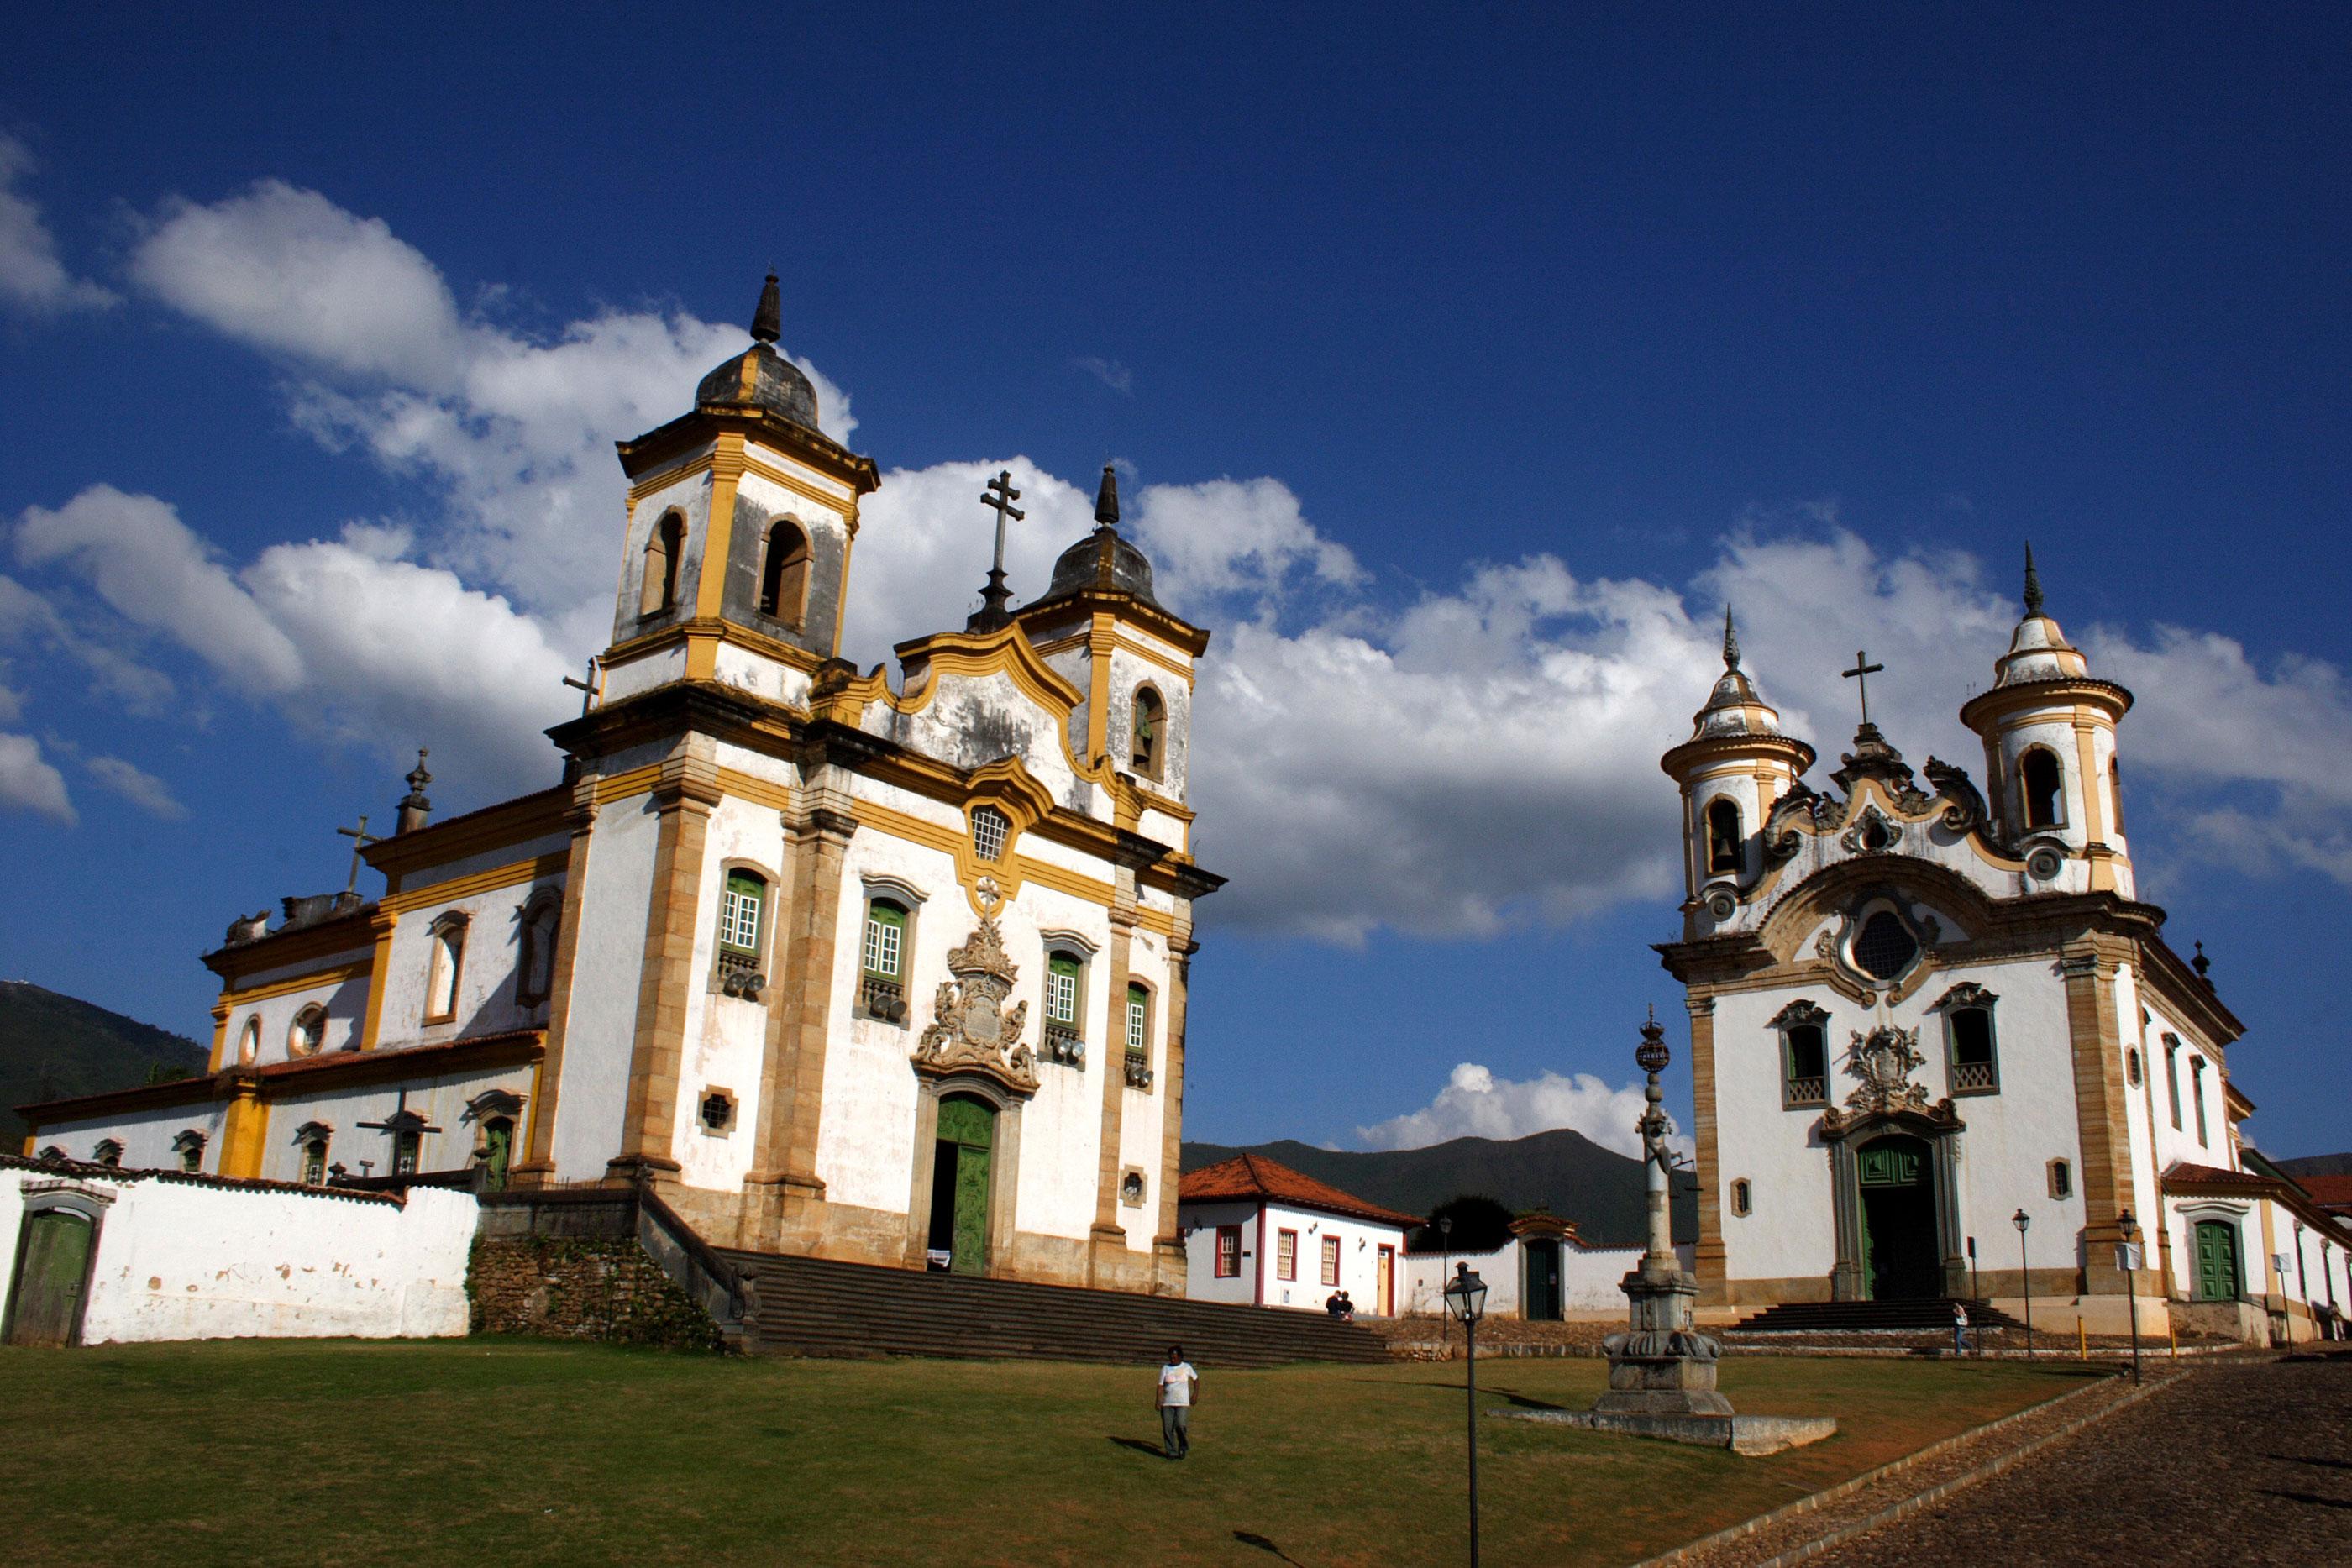 Igrejas de São Francisco de Assis (à esquerda), de Nossa Senhora do Carmo, e o Pelourinho da Praça Minas Gerais, em Mariana, Minas Gerais